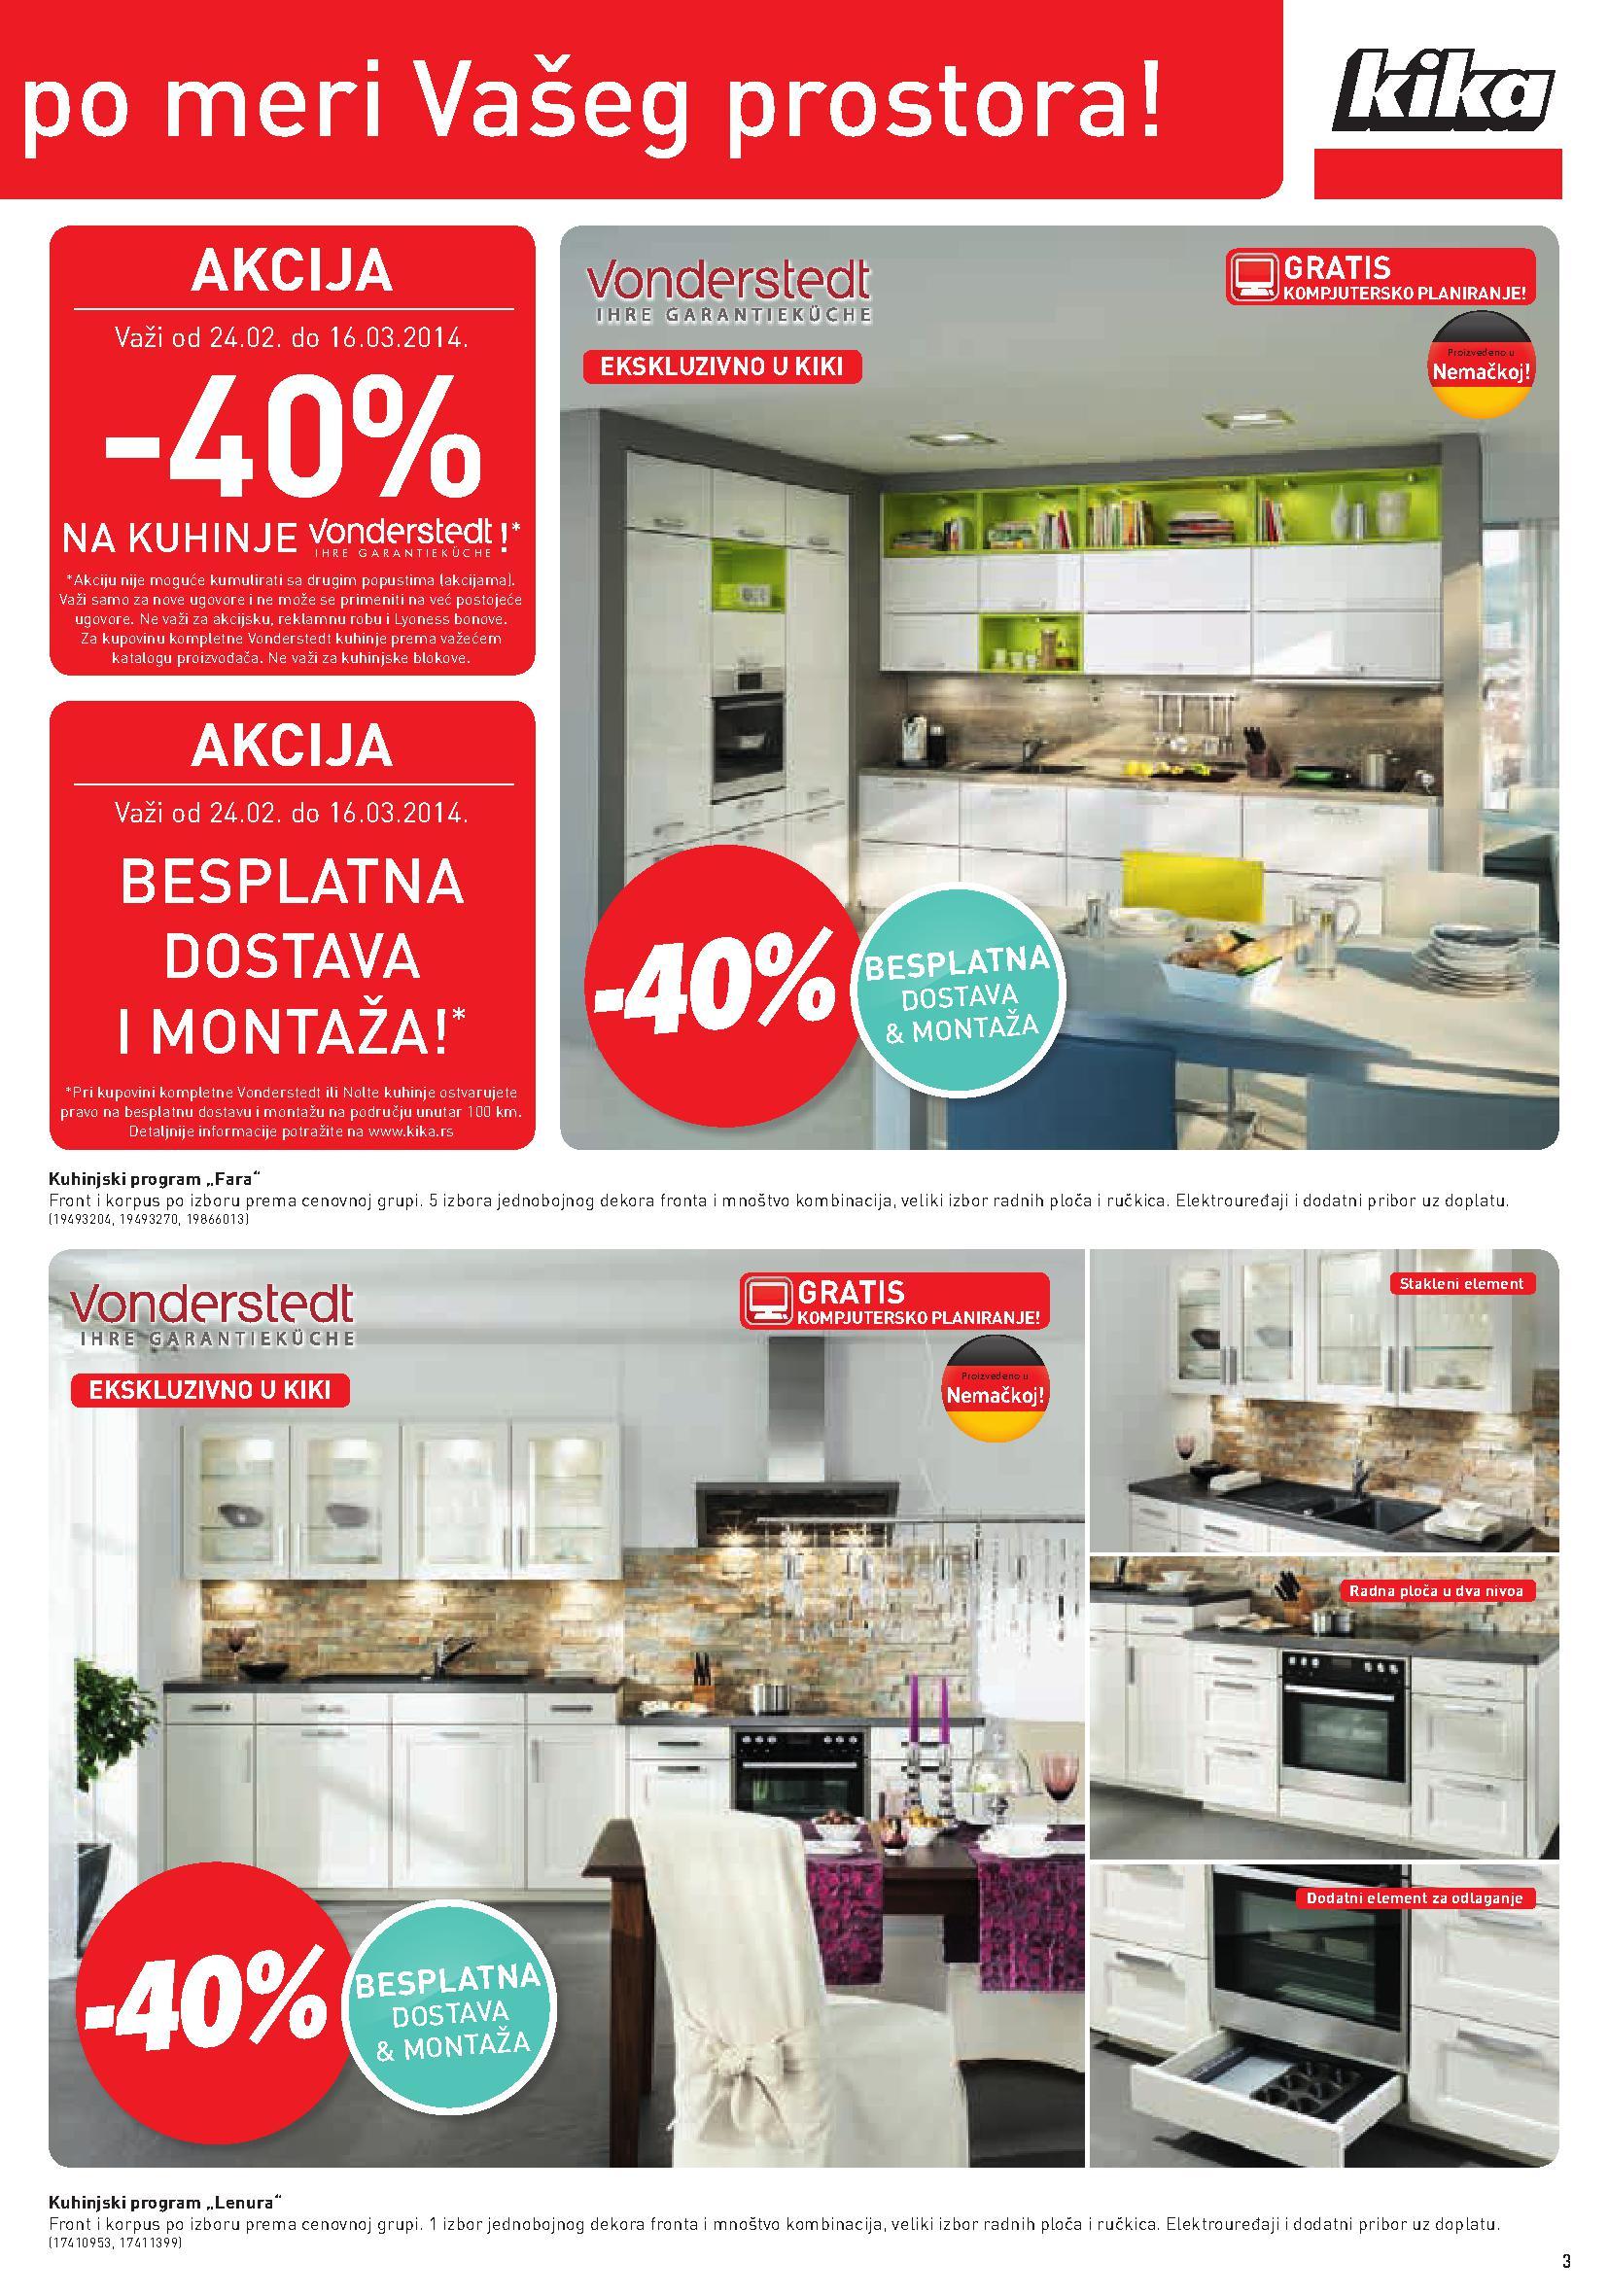 Kika katalog najbolja ponuda za vaš dom